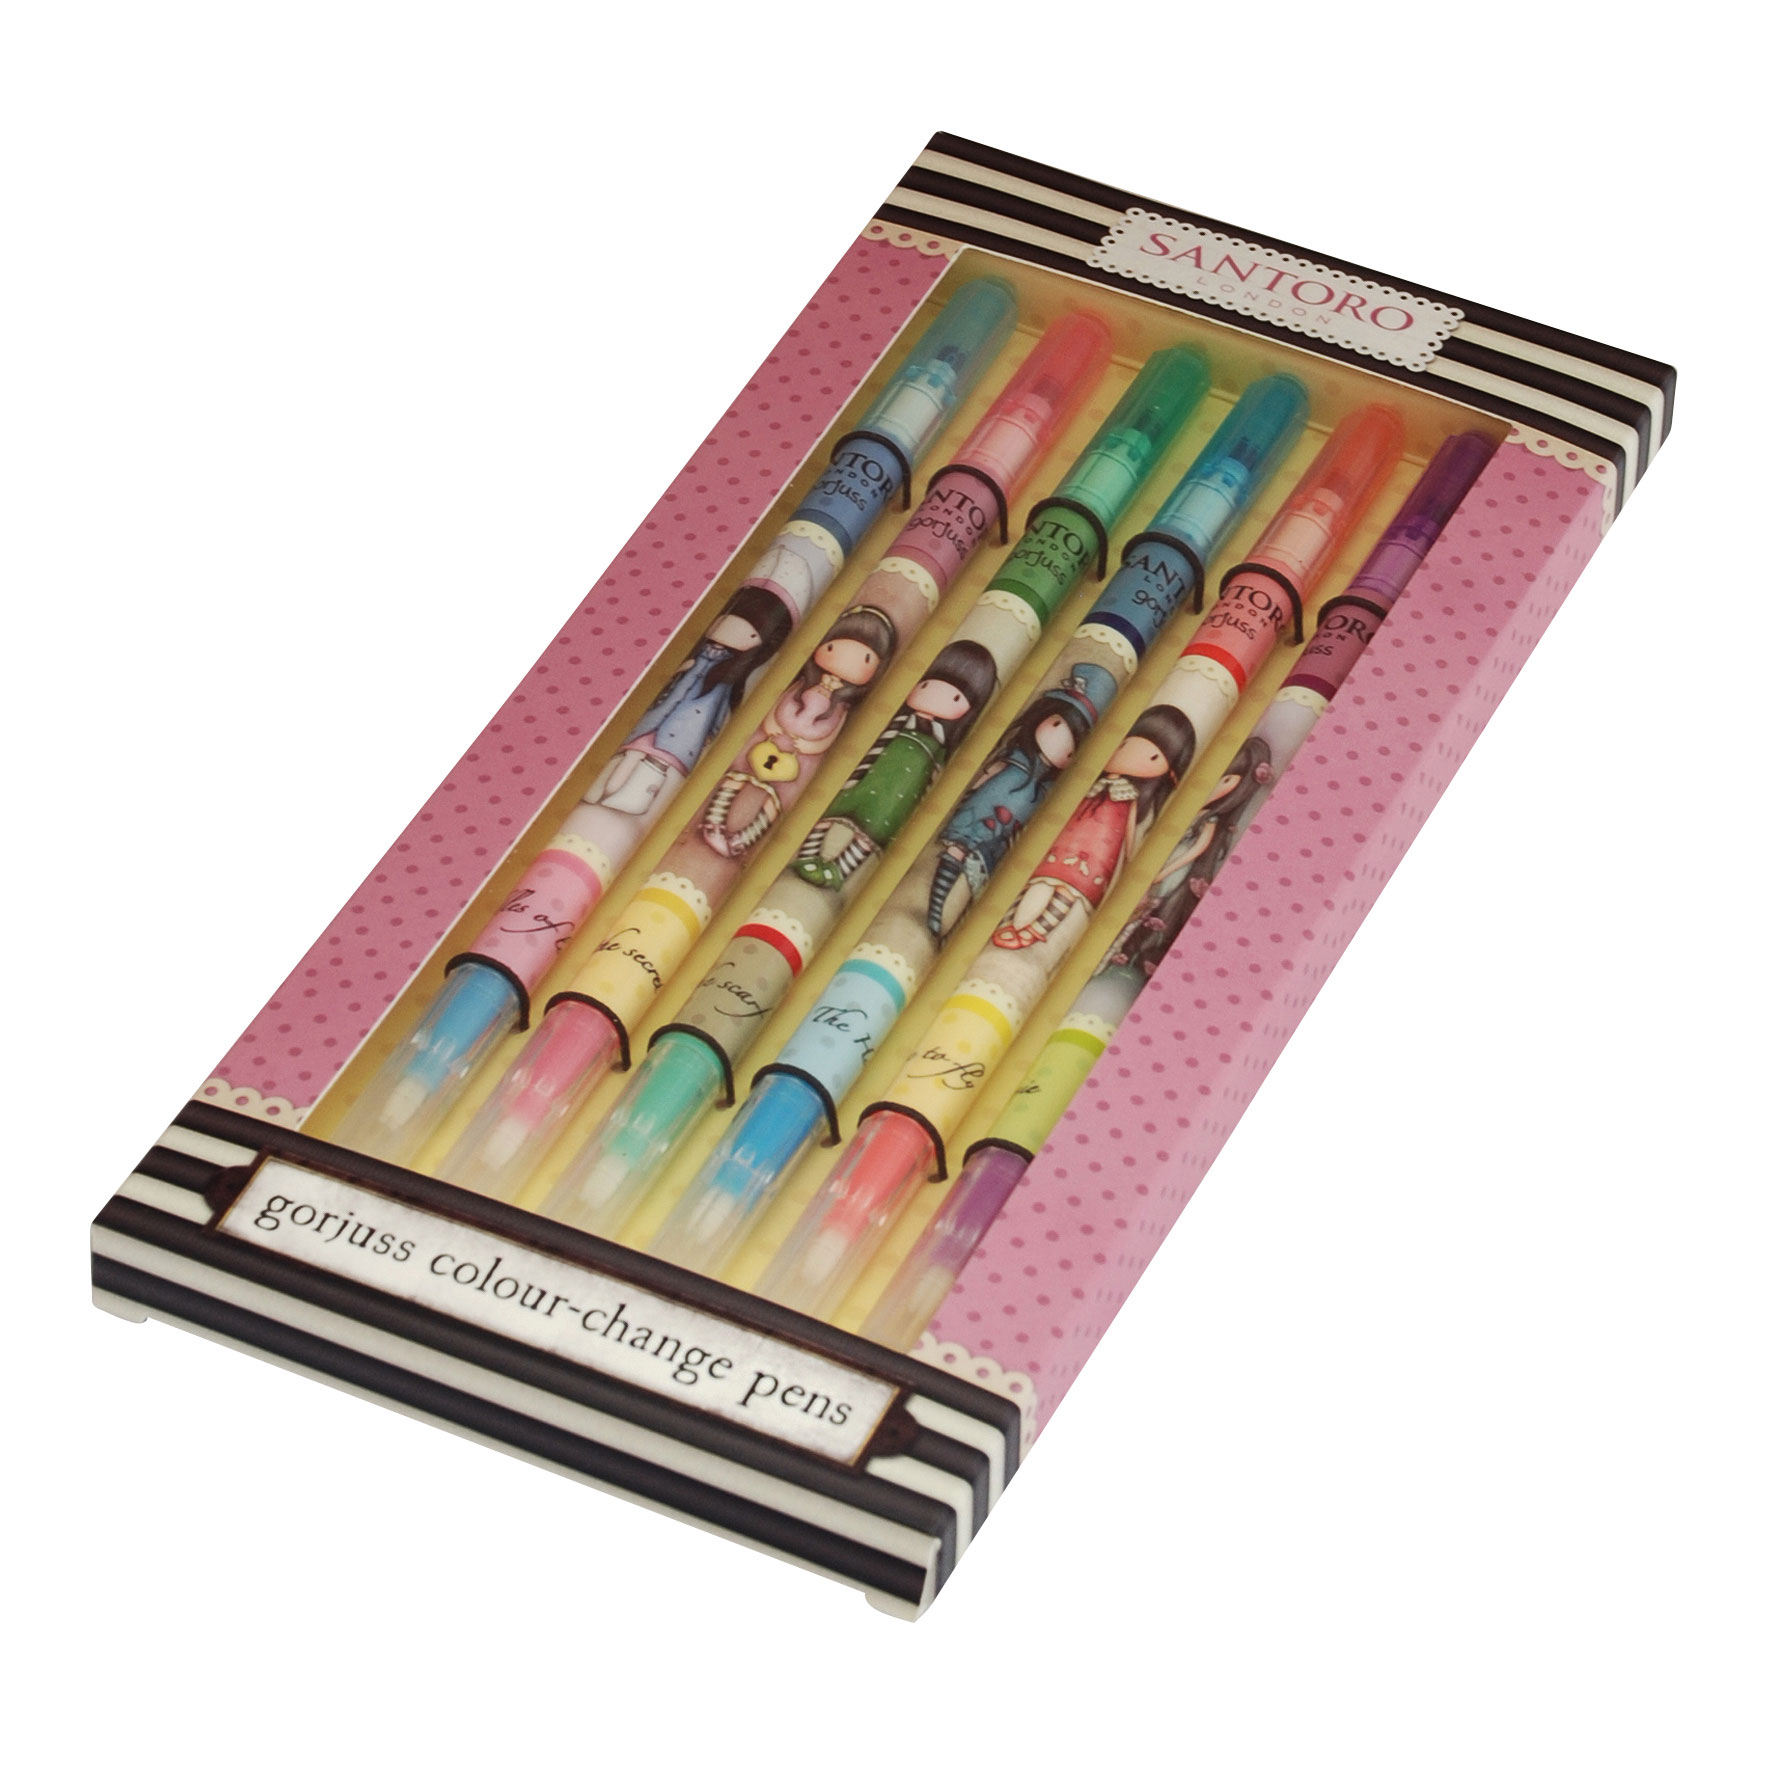 Gorjuss Colour Change Pens